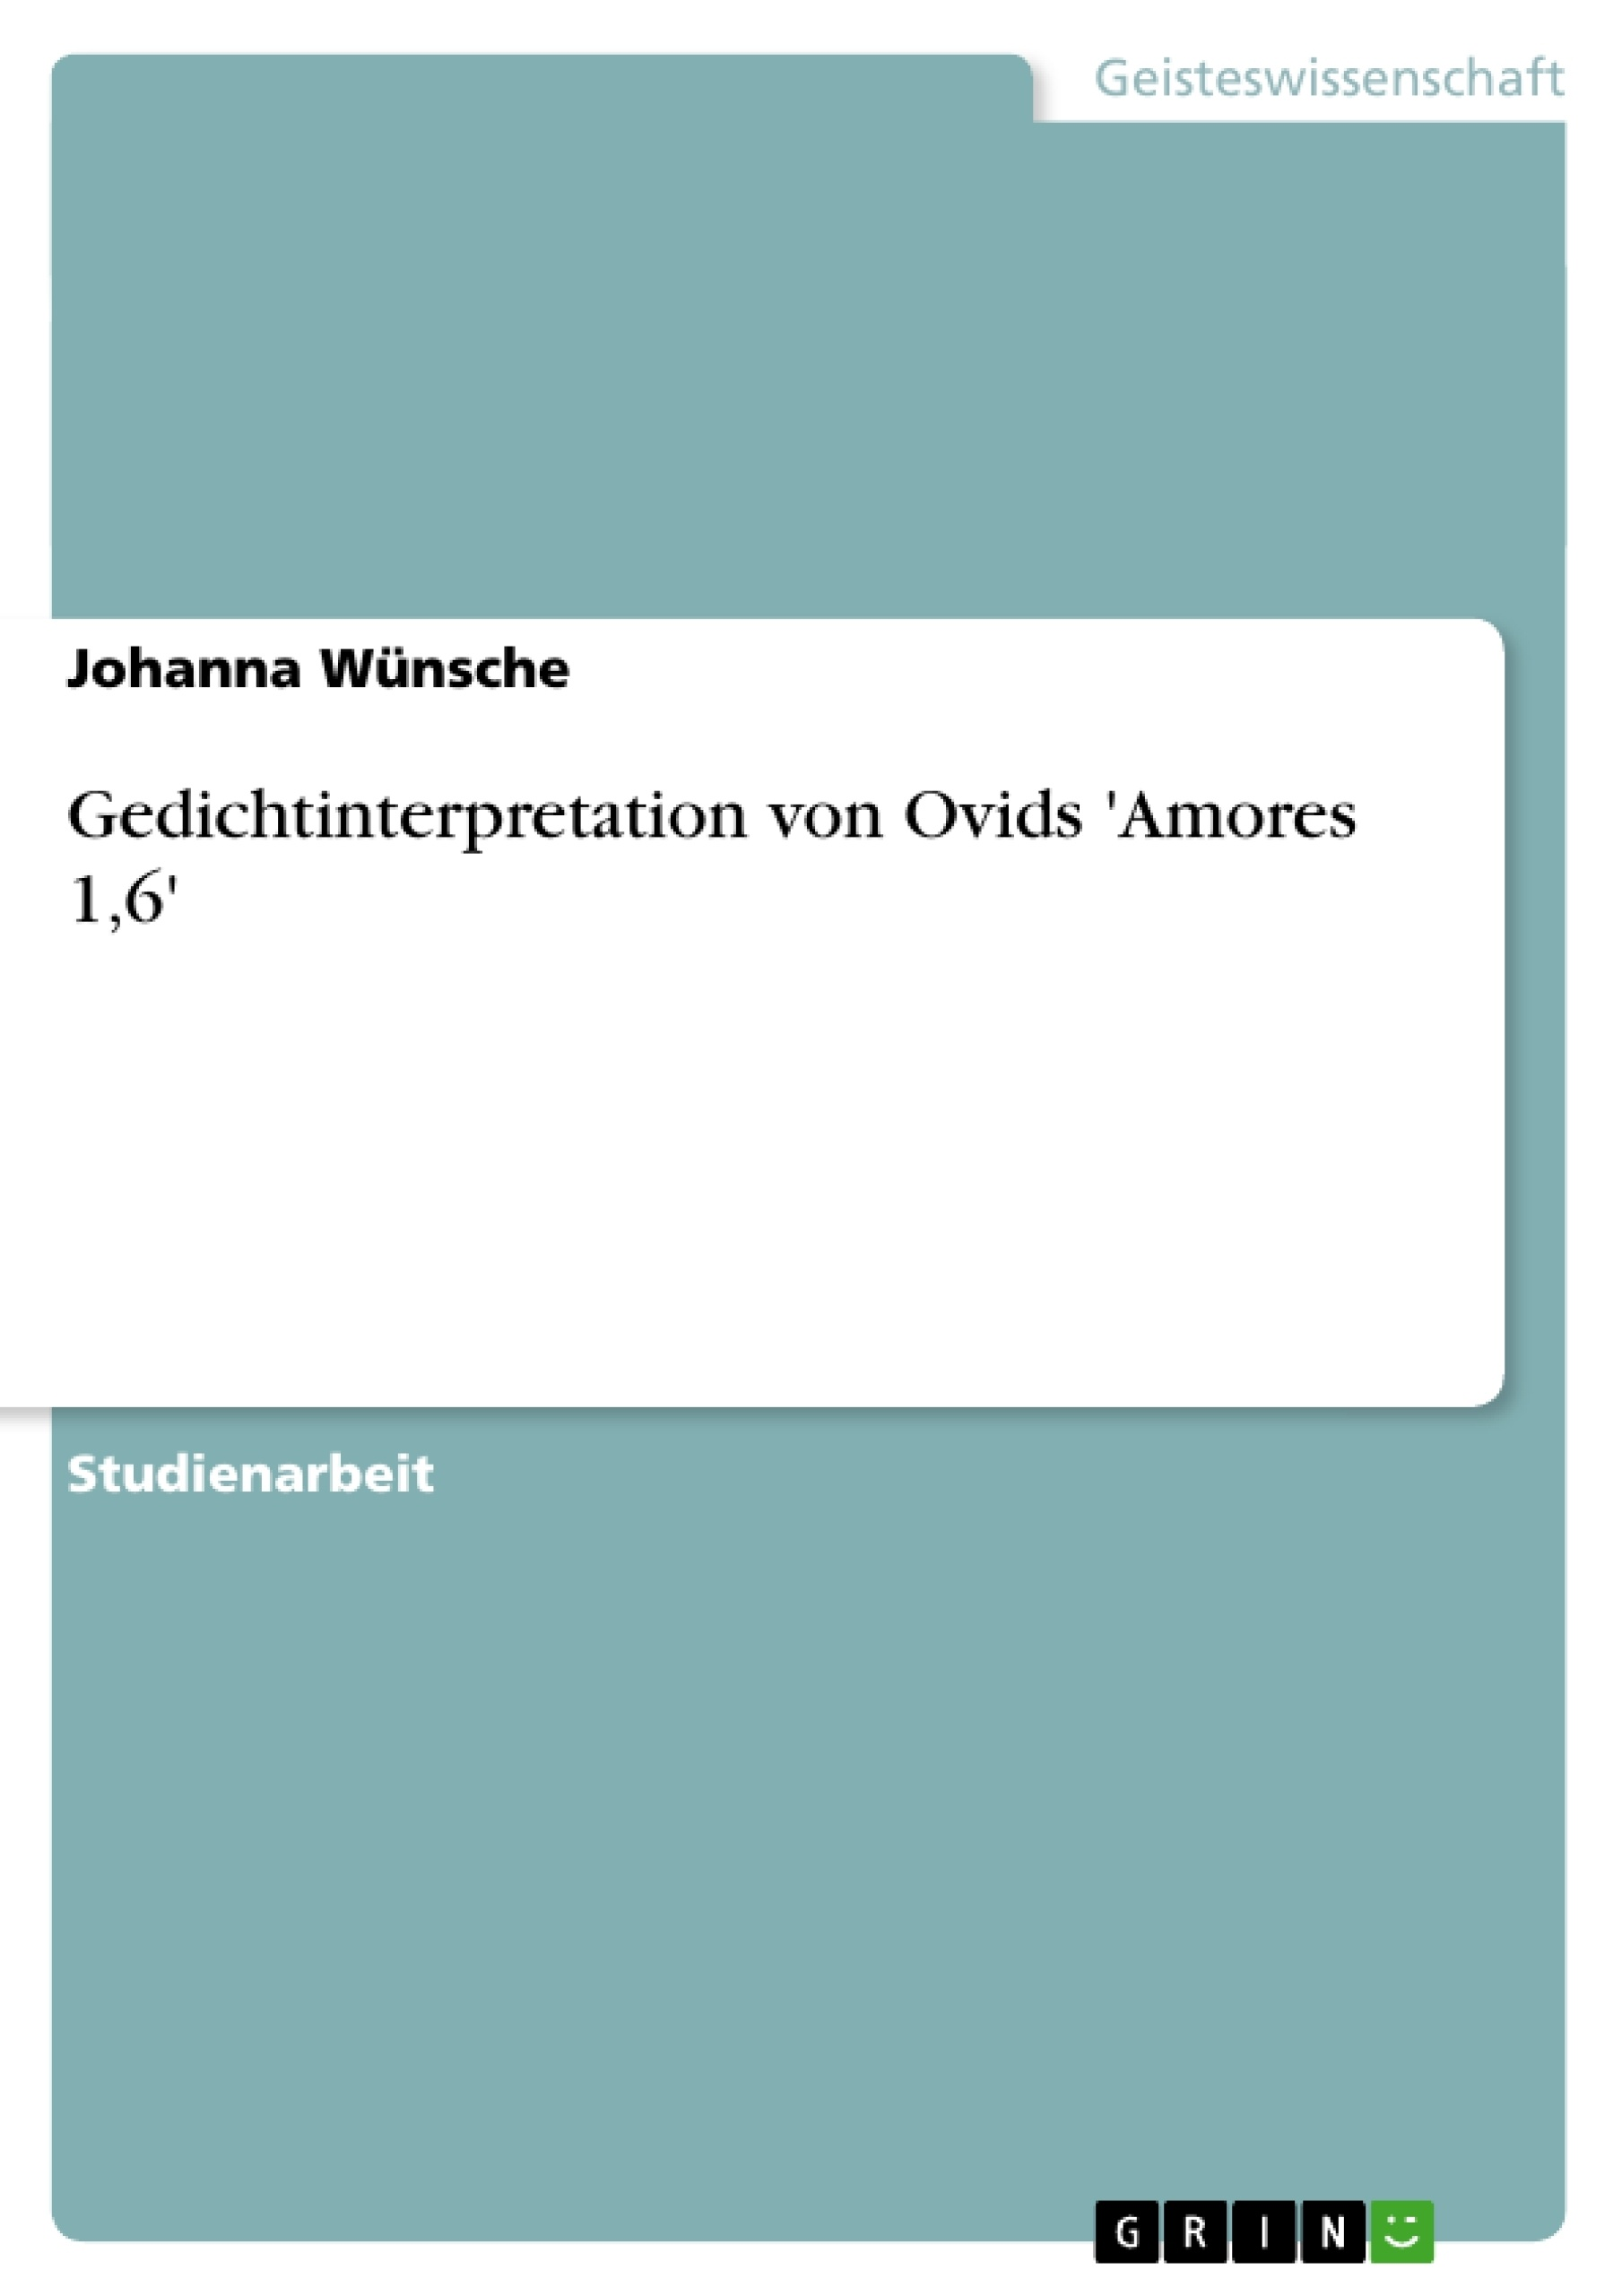 Titel: Gedichtinterpretation von Ovids 'Amores 1,6'